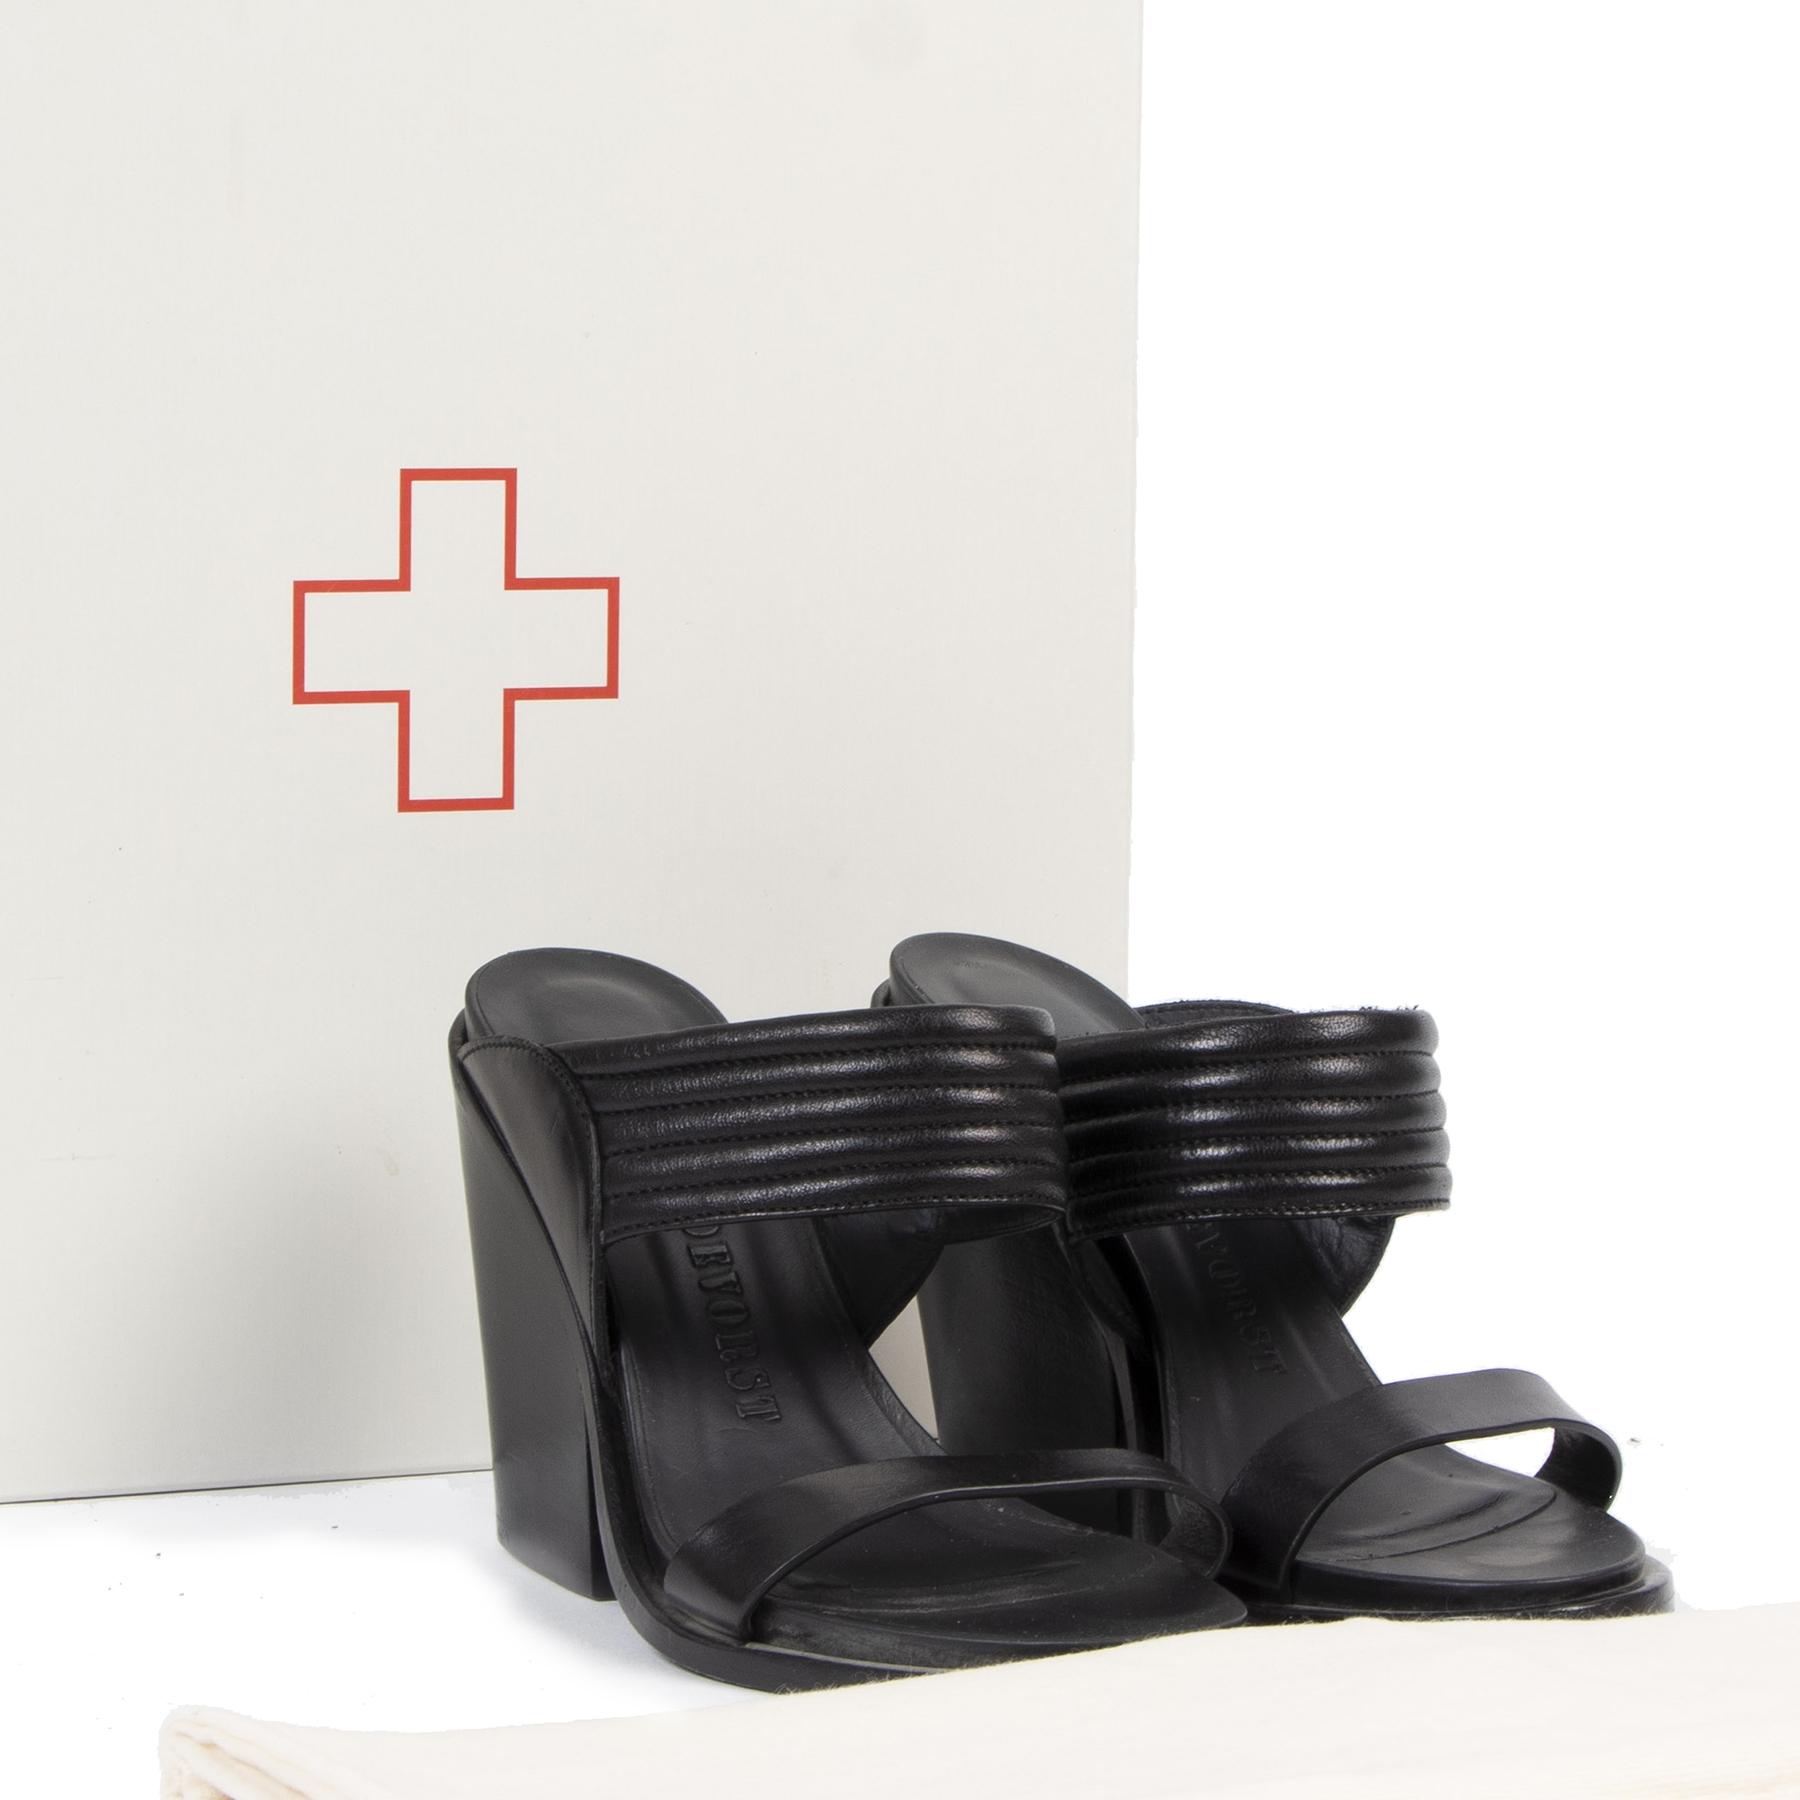 A.F. Vandevorst Black Mules - size 36 te koop tweedehands bij Labellov luxe in Antwerpen